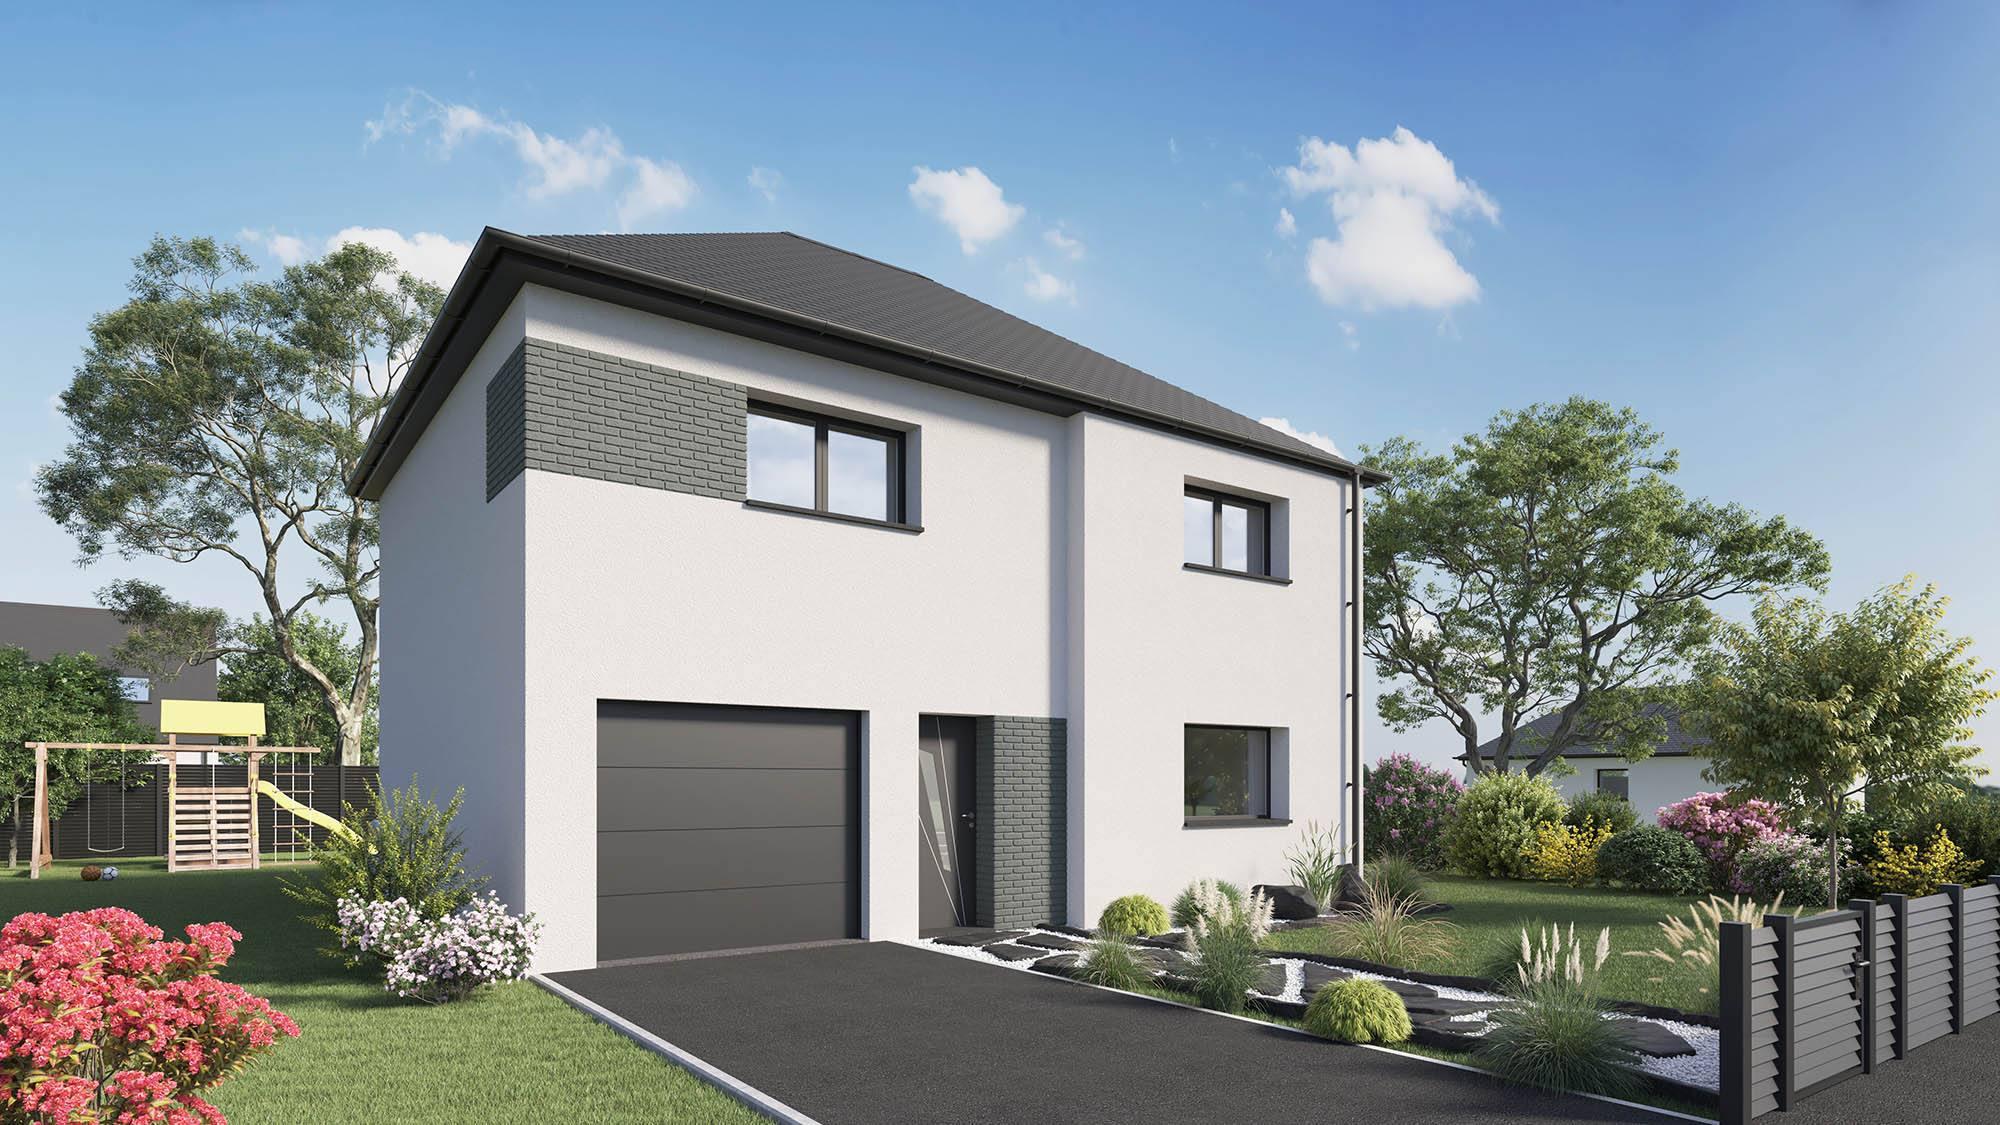 Maisons + Terrains du constructeur MAISON CASTOR REIMS • 116 m² • GUIGNICOURT